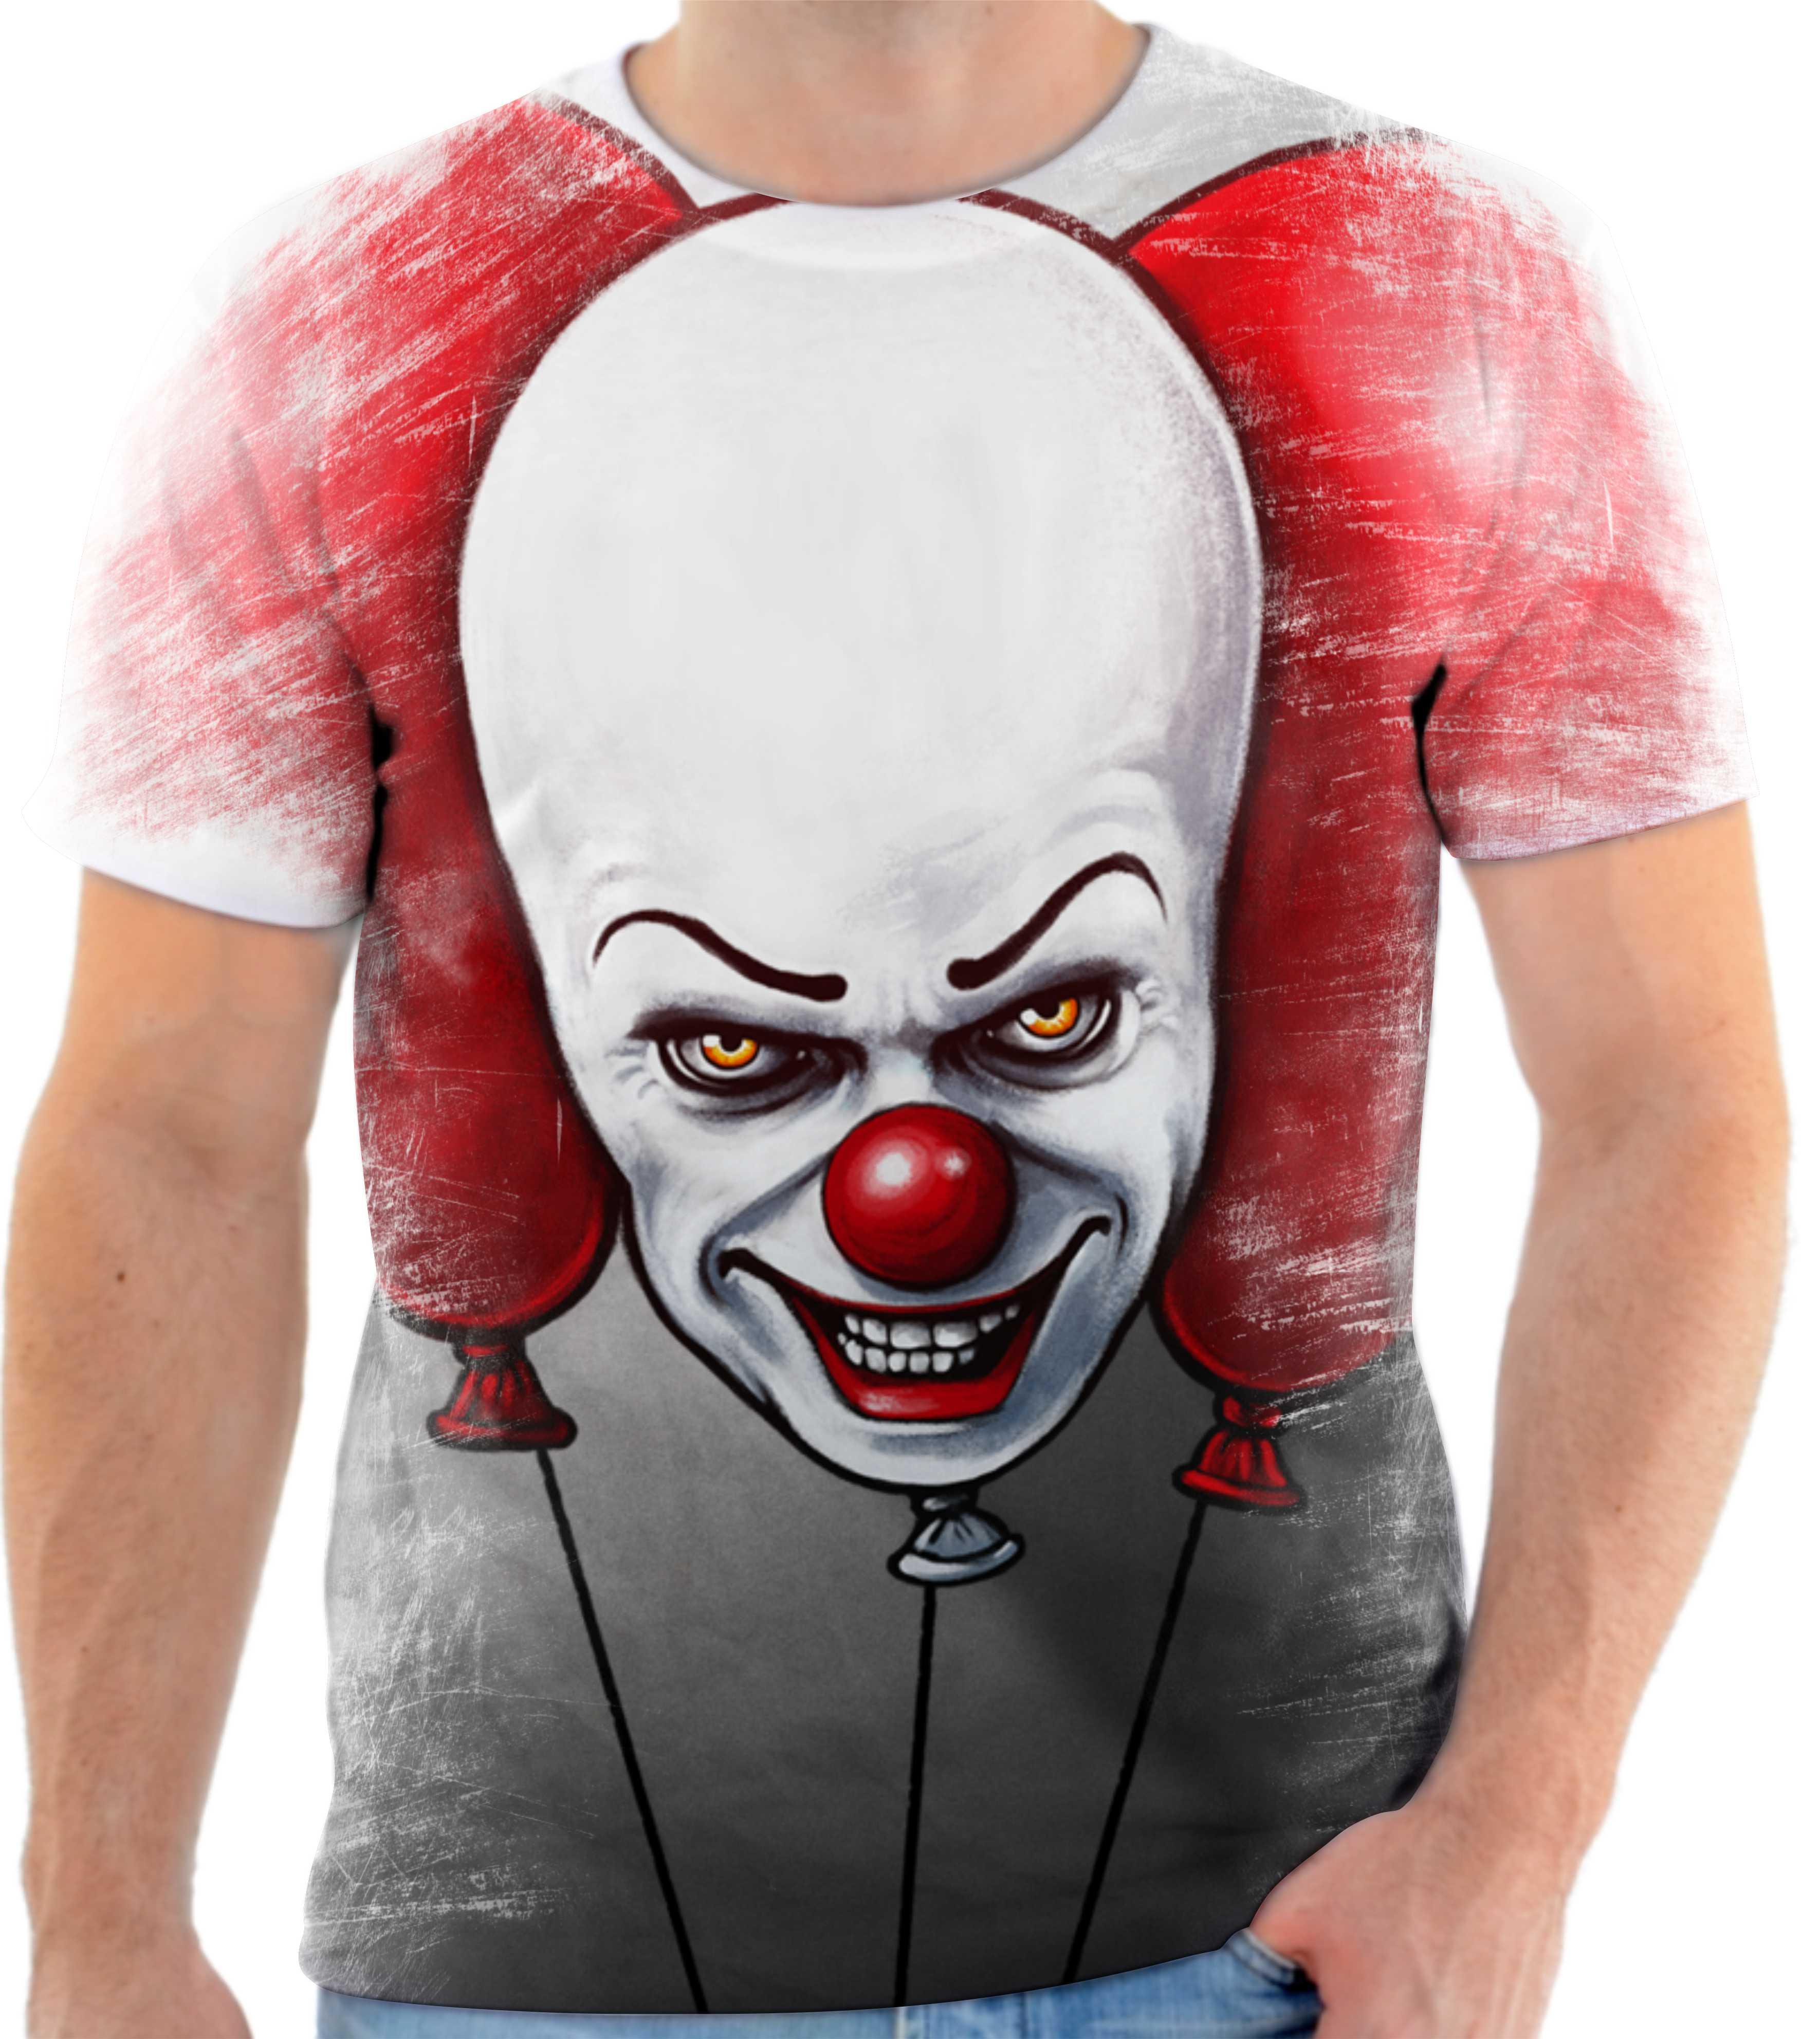 Camisa Camiseta Personalizada Filme It A Coisa Palhaco No Elo7